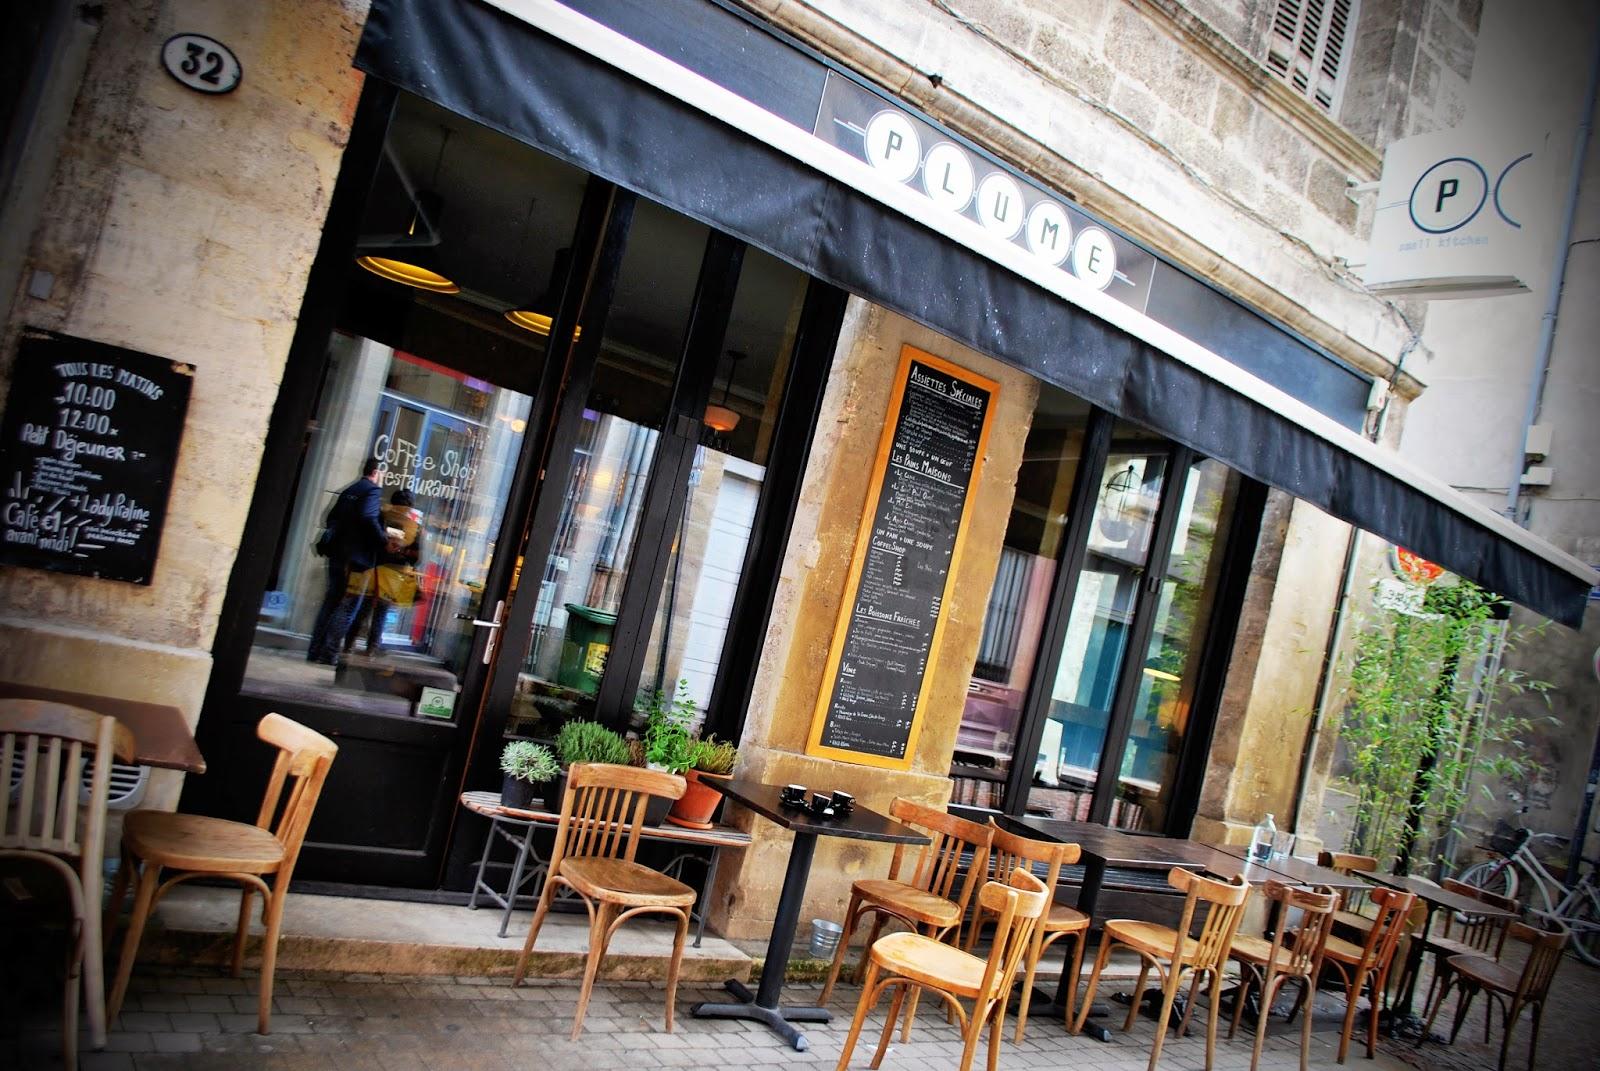 4 дні у Бордо: з вином і без вини 4 дні у Бордо: з вином і без вини bbbbbbbb